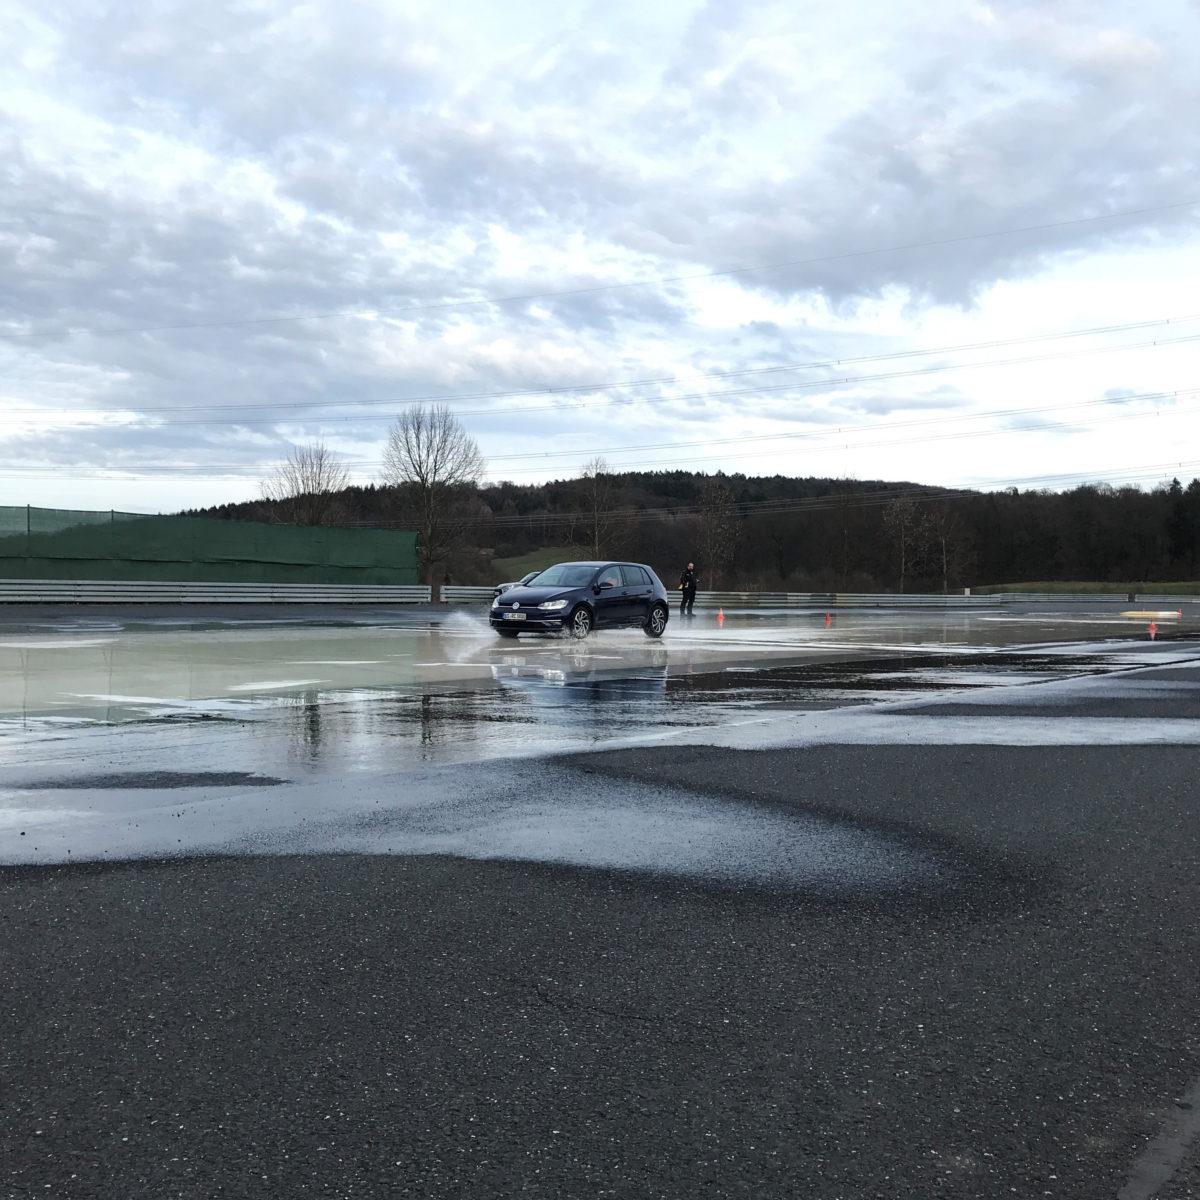 Ein Auto faehrt waehrend eines Fahrischerheitstrainings auf einer nassen Straße.